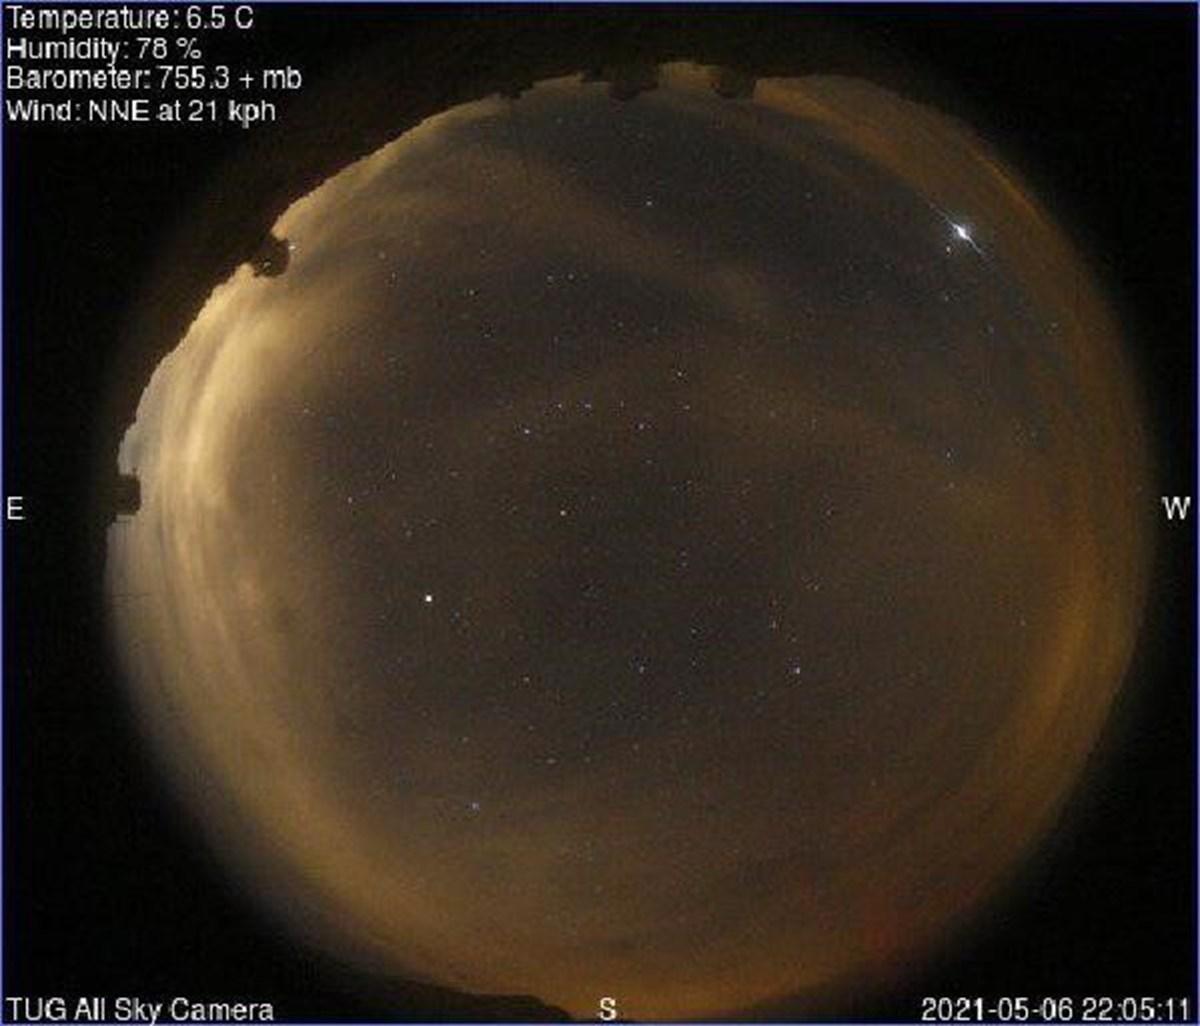 Parlamaların Starlink Leo Uyduları Güneş Panellerinden kaynaklandığını açıklayan TÜBİTAK Ulusal Gözlemevi (TUG) Tüm Gökyüzü Kamerası ile bulutlu havaya rağmen Kuzey-Batı ufkunda görüntülendiğini kaydetti.